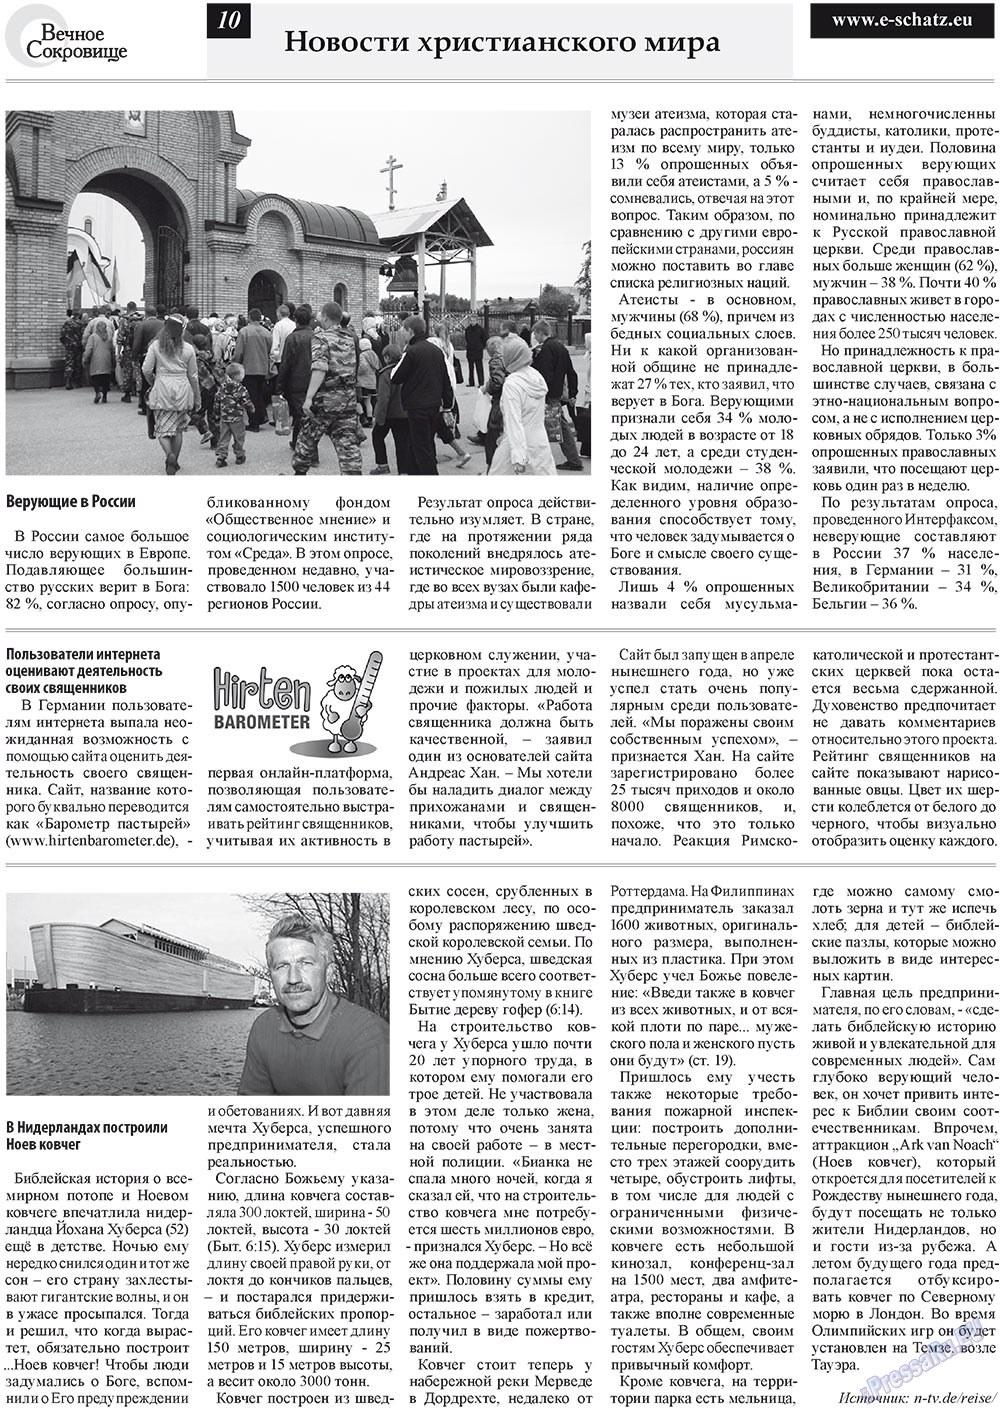 Вечное сокровище (газета). 2011 год, номер 5, стр. 10